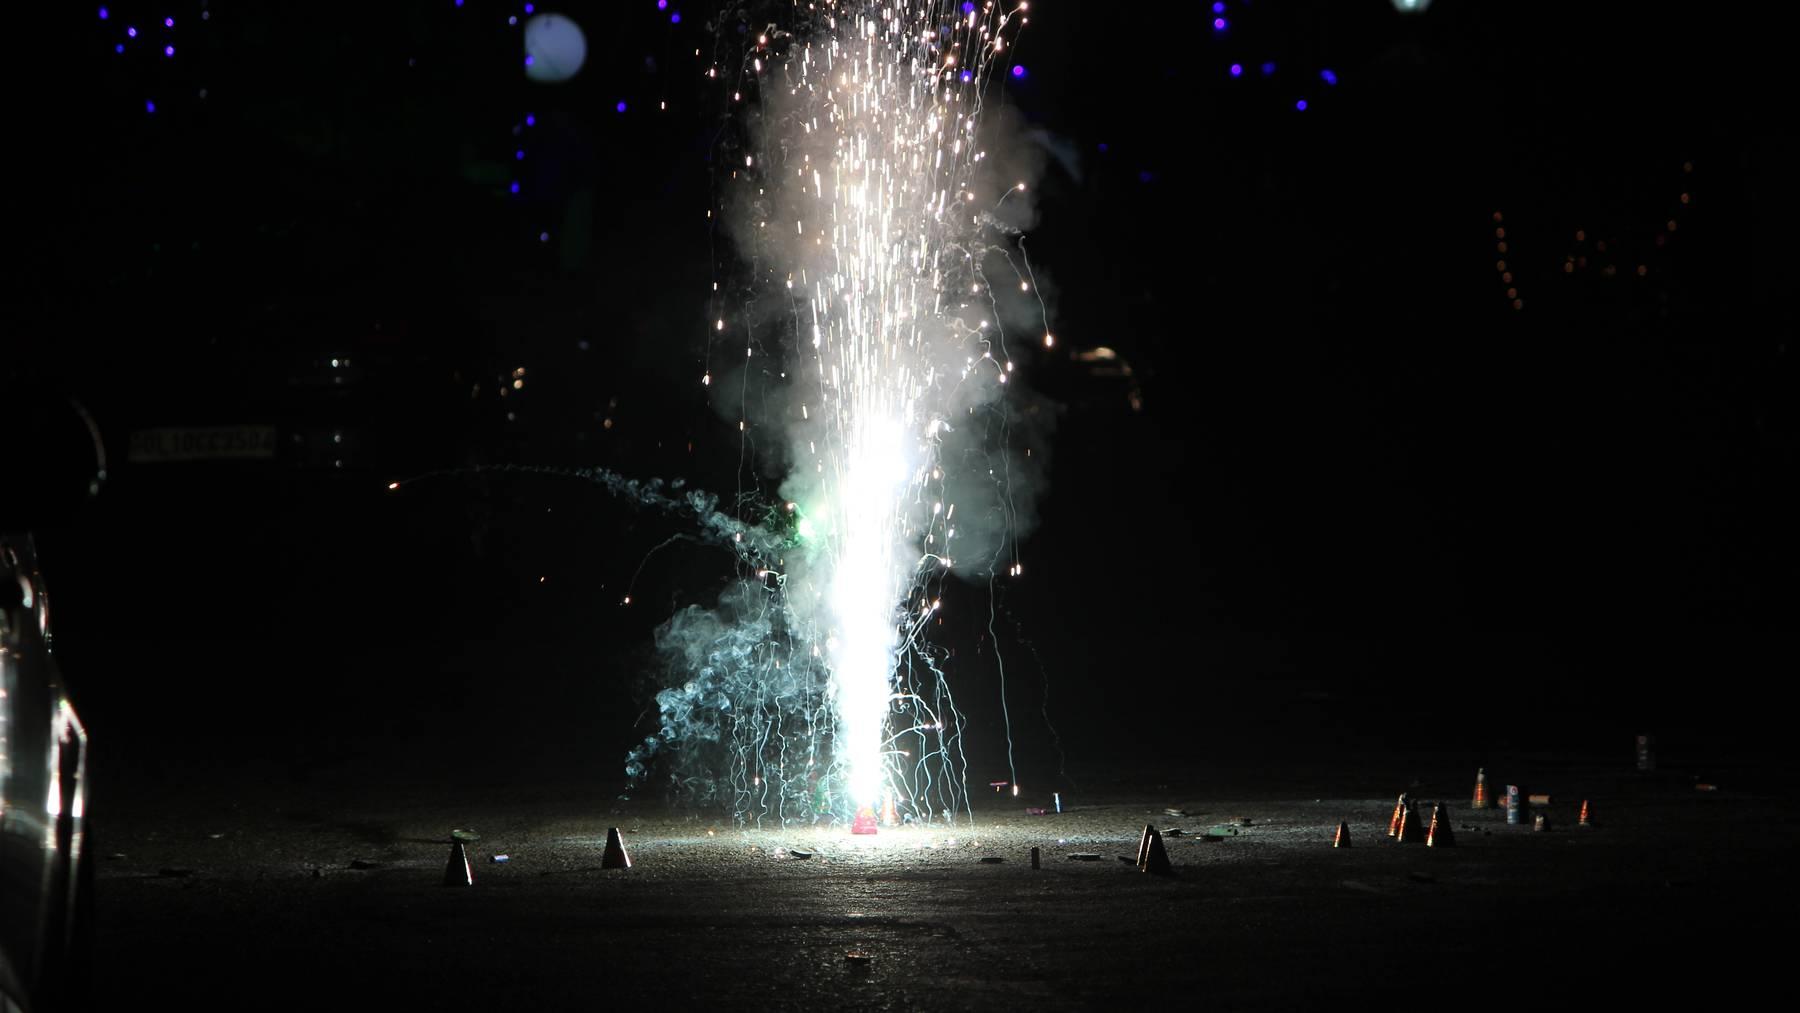 Der Turnhallenboden wurde durch Feuerwerk beschädigt. (Symbolbild)